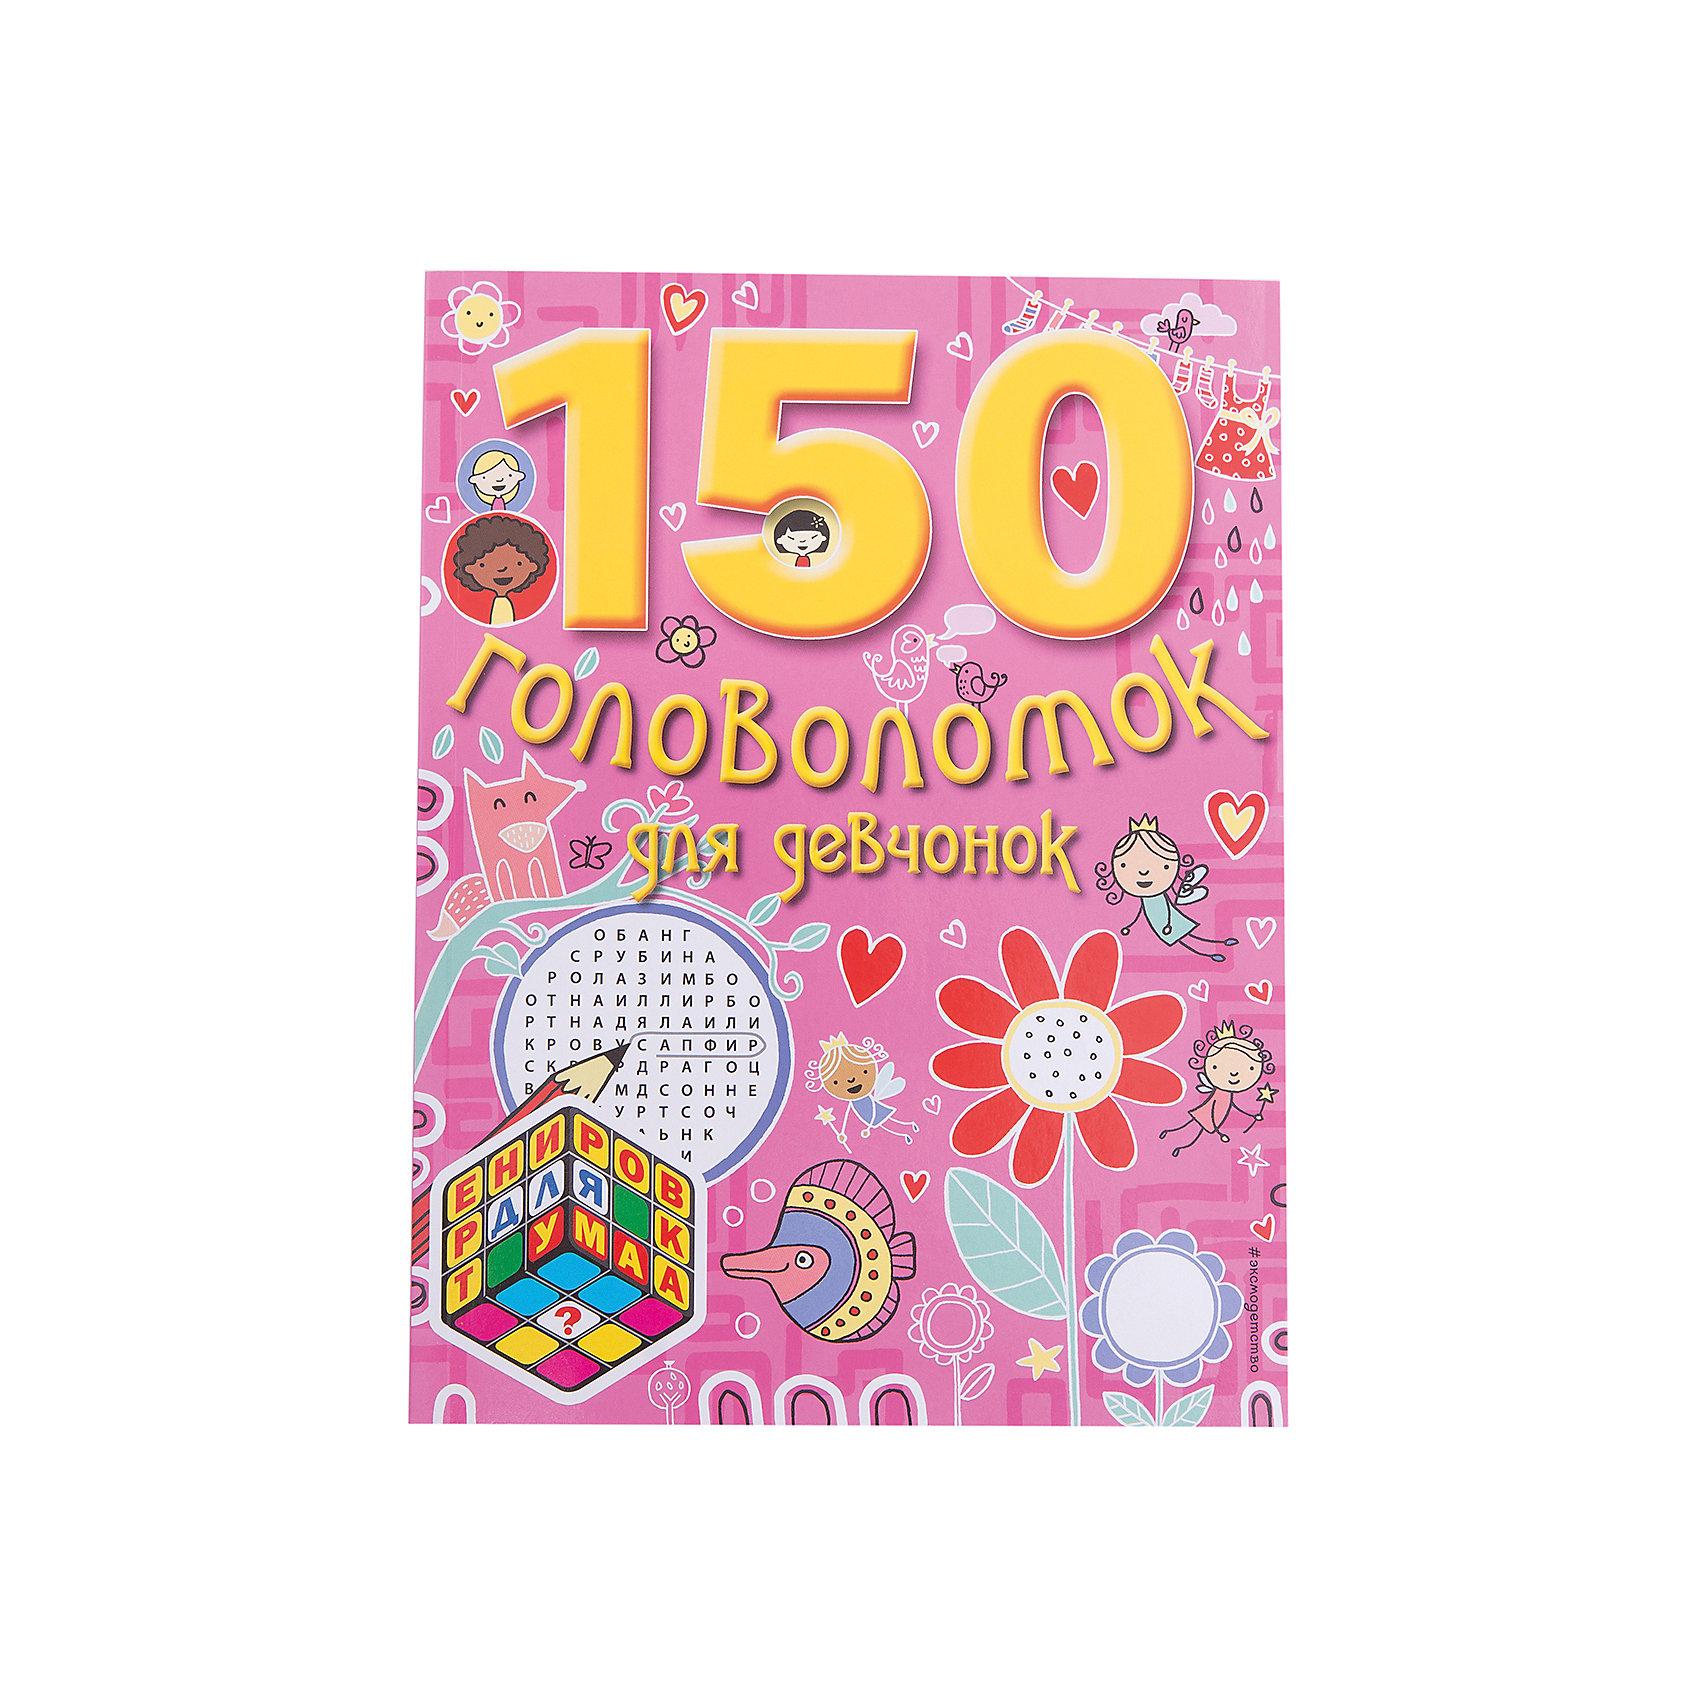 150 головоломок для девчонокПодготовка к школе<br>Книгу 150 головоломок для девчонок, Эксмо включает в себя игры с подружками, вкуснейшие рецепты, разнообразные задачки, лабиринты, сказки, рисование, кроссворды и многое-многое другое!<br><br>Дополнительная информация:<br>-автор: Татьяна Бокова<br>-иллюстратор: А. Свербута<br>-иллюстрации: черно-белые и цветные<br>-количество страниц 88<br>-формат: 60x84/8 (277x210x6 мм)<br>-переплет: мягкий<br><br>Замечательный сборник головоломок для самых изысканных принцесс и самых отважных девочек!<br><br>Книгу 150 головоломок для девчонок, Эксмо можно купить в нашем магазине.<br><br>Ширина мм: 280<br>Глубина мм: 210<br>Высота мм: 10<br>Вес г: 264<br>Возраст от месяцев: 84<br>Возраст до месяцев: 144<br>Пол: Женский<br>Возраст: Детский<br>SKU: 3665186